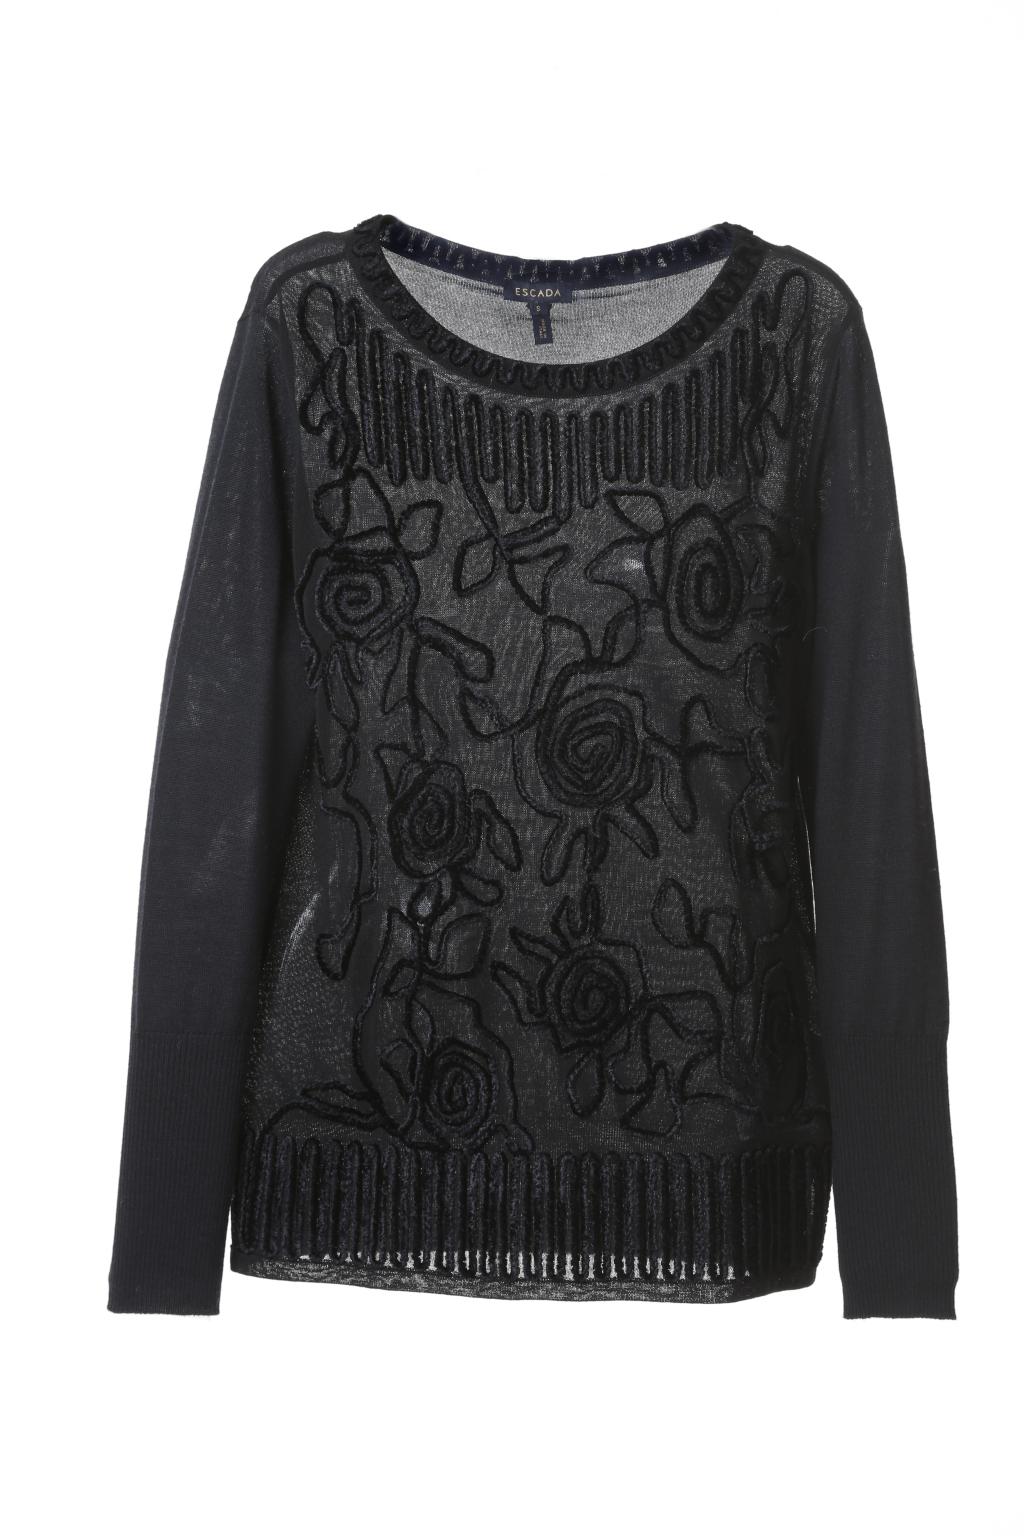 Модный черный свитер тренд сезона из коллекции Escada.